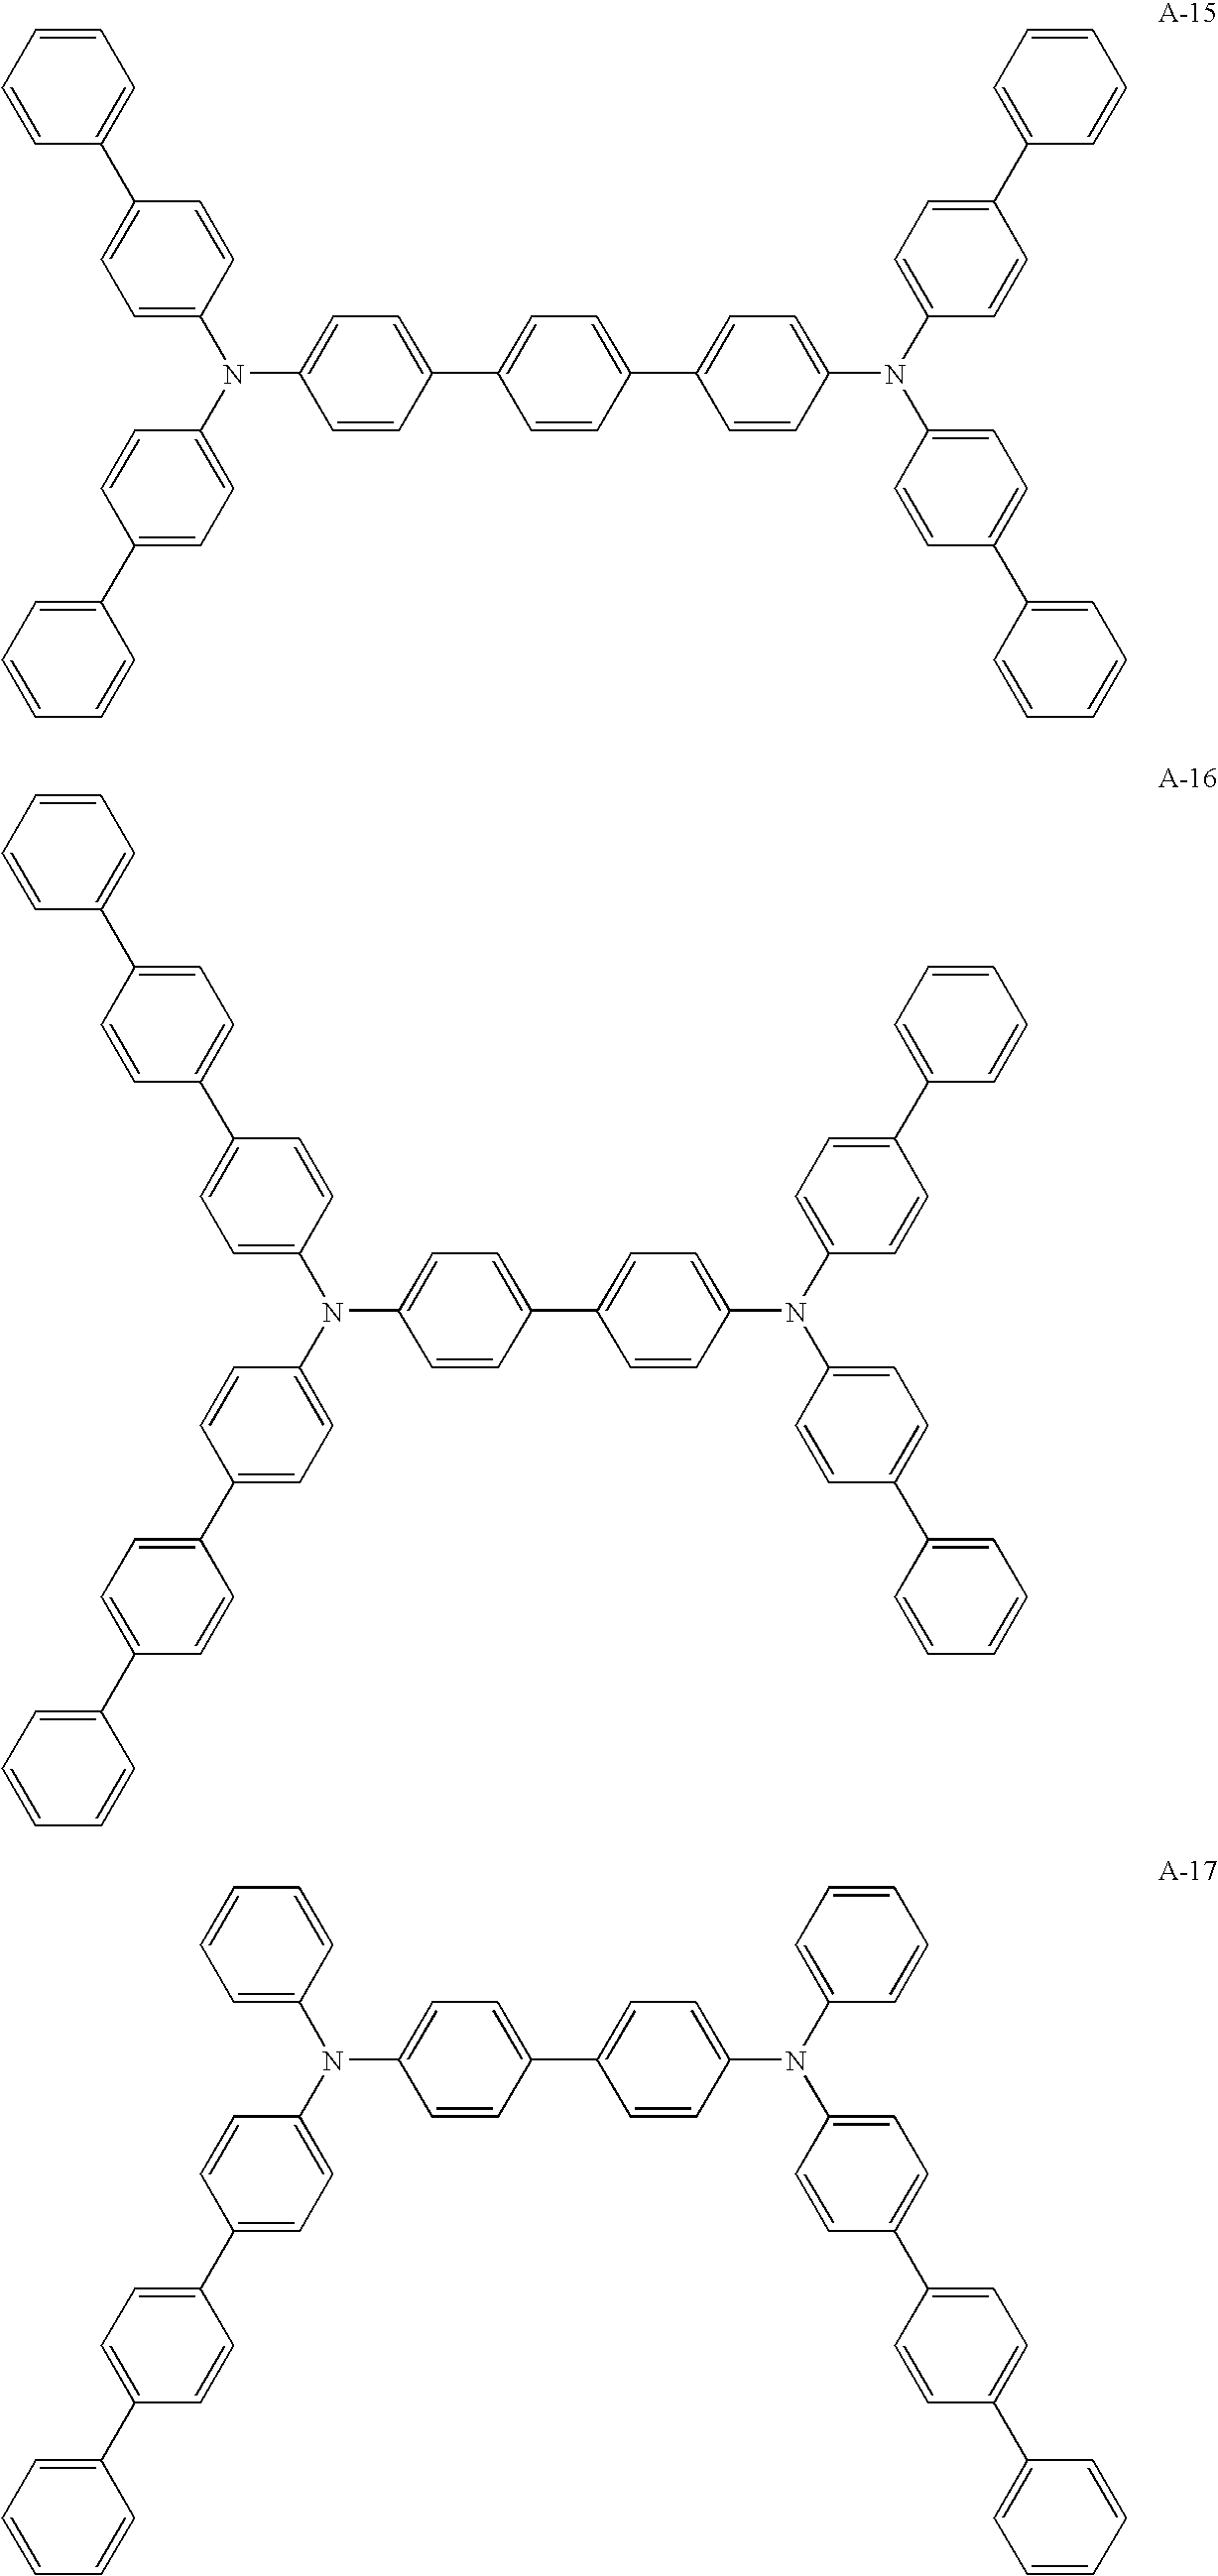 Figure US20080049413A1-20080228-C00012